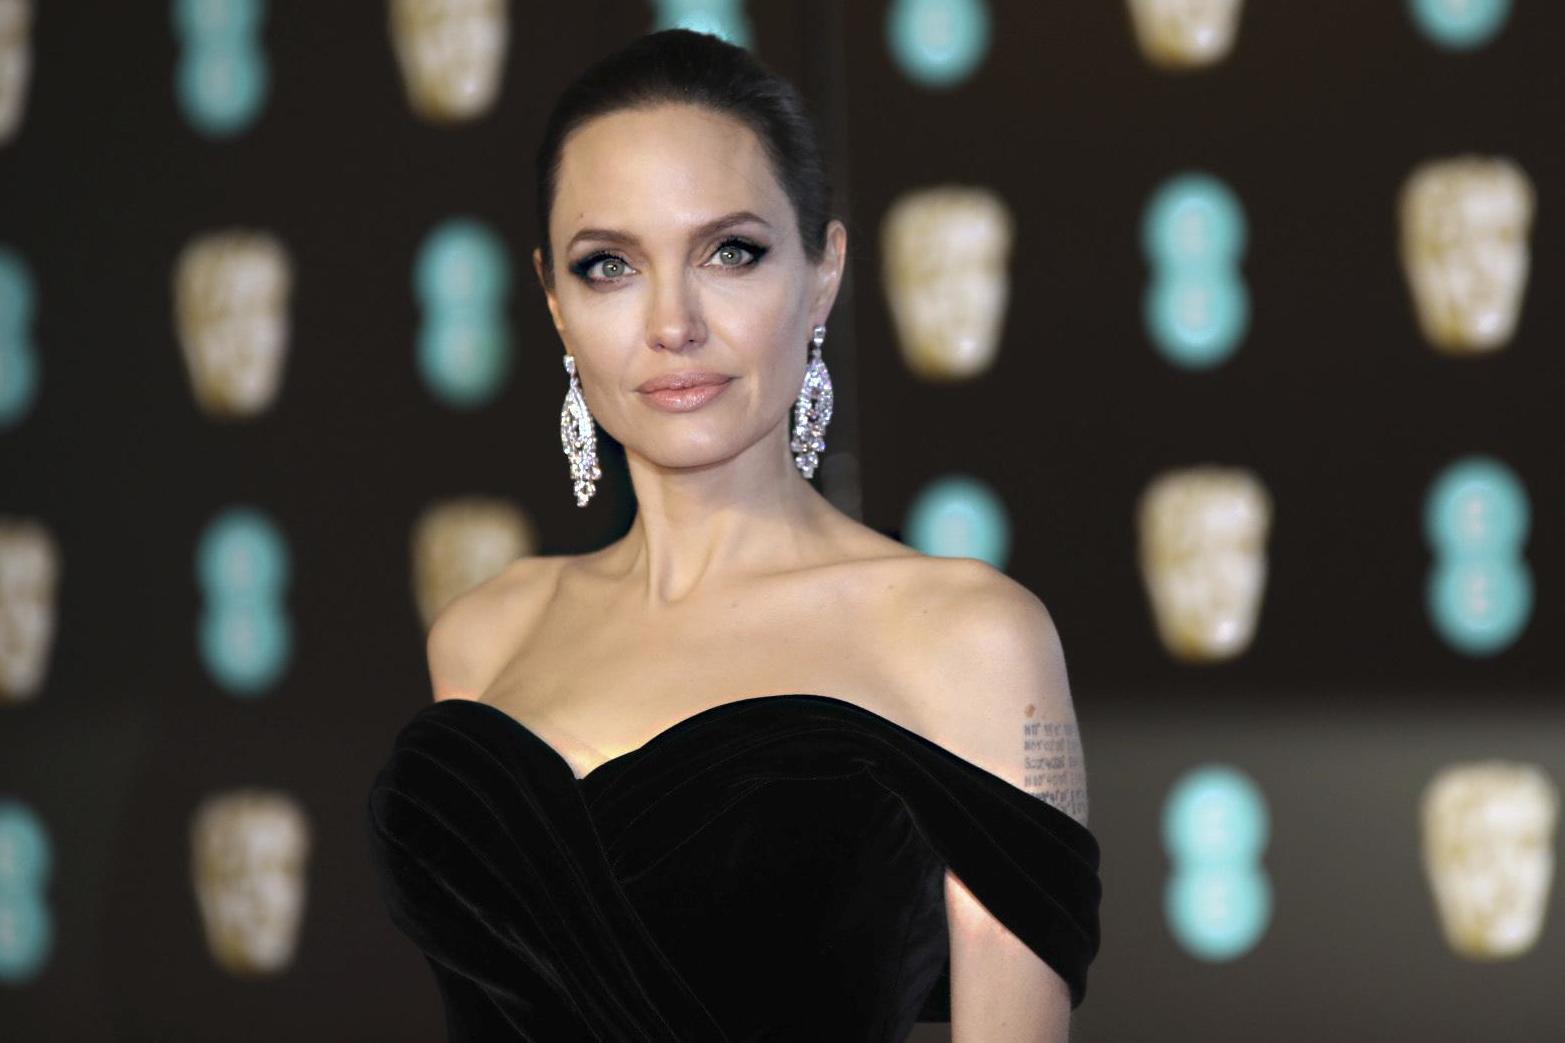 Депрессия не обошла стороной и Анджелину Джоли, а справиться ей помогла благотворительная деятельность и гуманитарная помощь другим людям: «Я чувствовала, что опускаюсь в темноту, была не в состоянии просыпаться по утрам, поэтому я подписалась на то, что заставило бы меня снова стать активной».